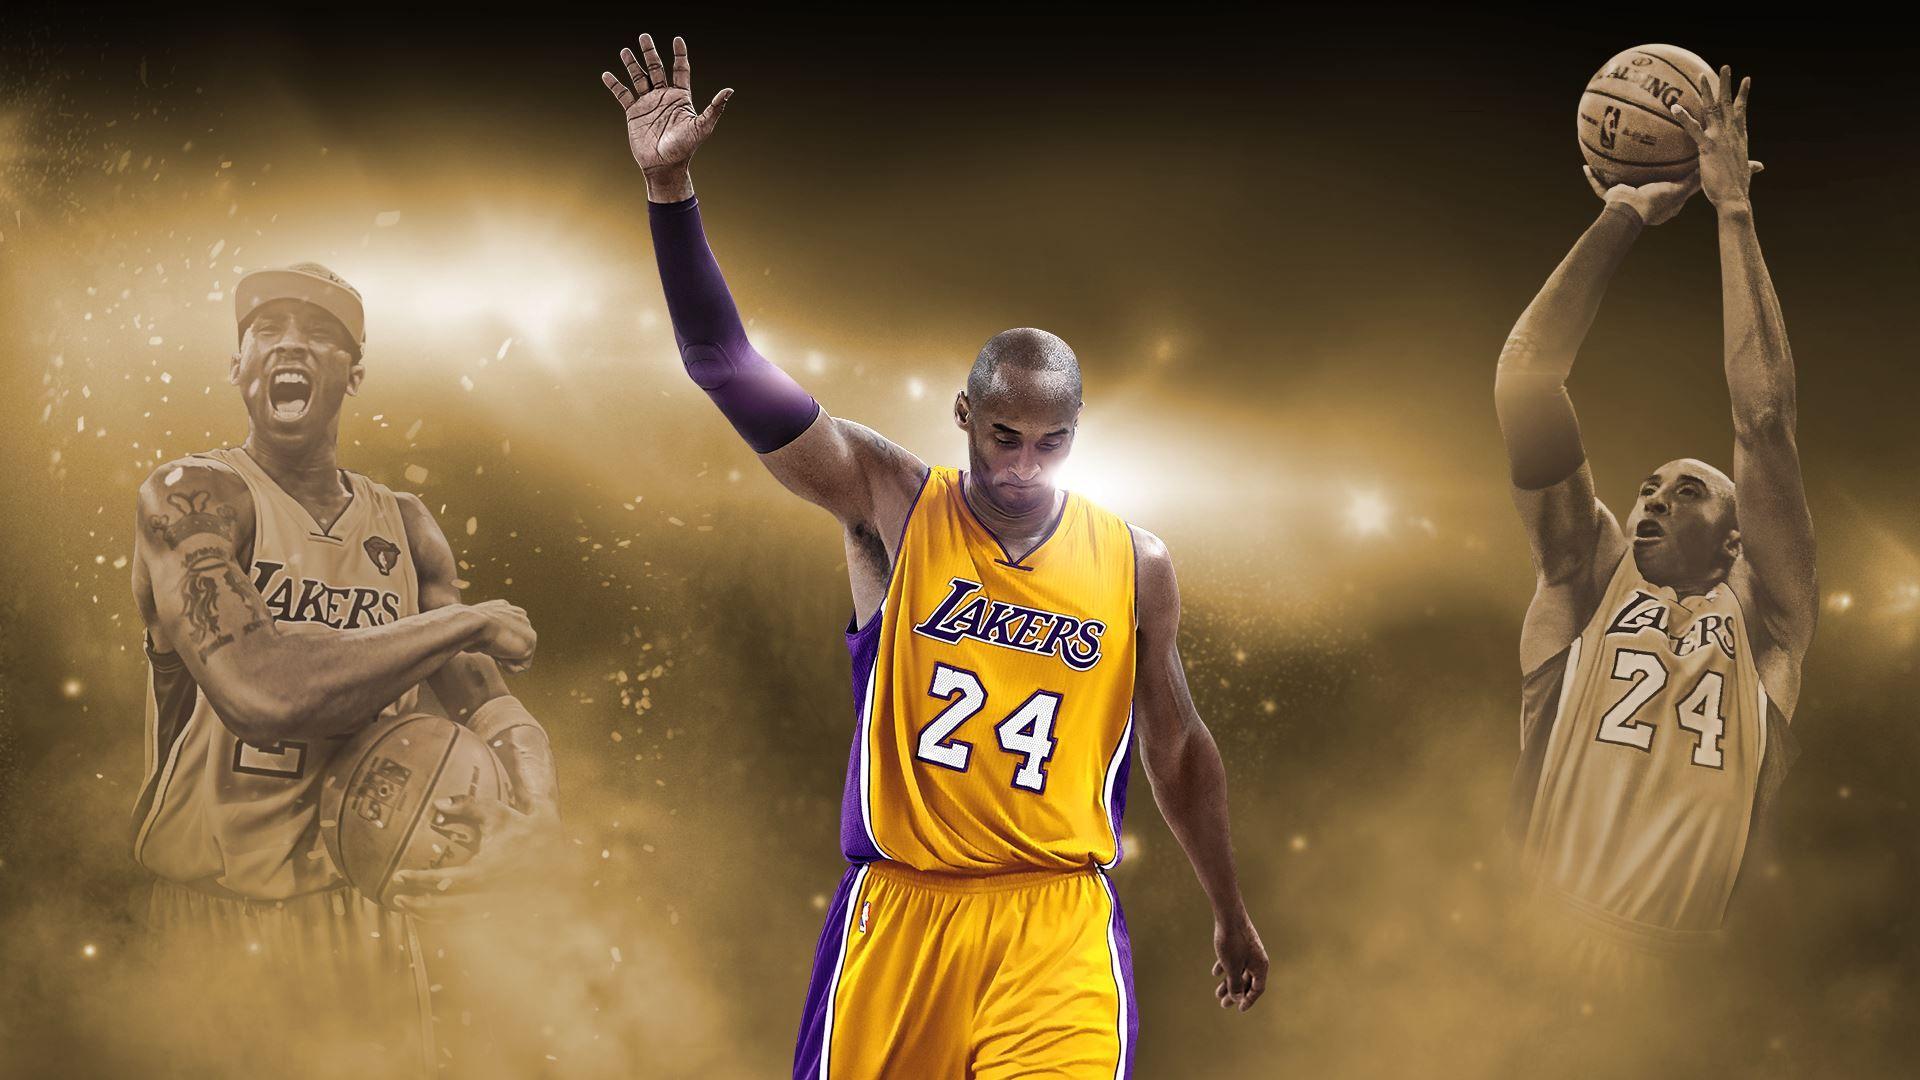 Kobe Bryant Nba 2k17 Achievements Jpg 1920 1080 Kobe Bryant Kobe Kobe Bryant Nba